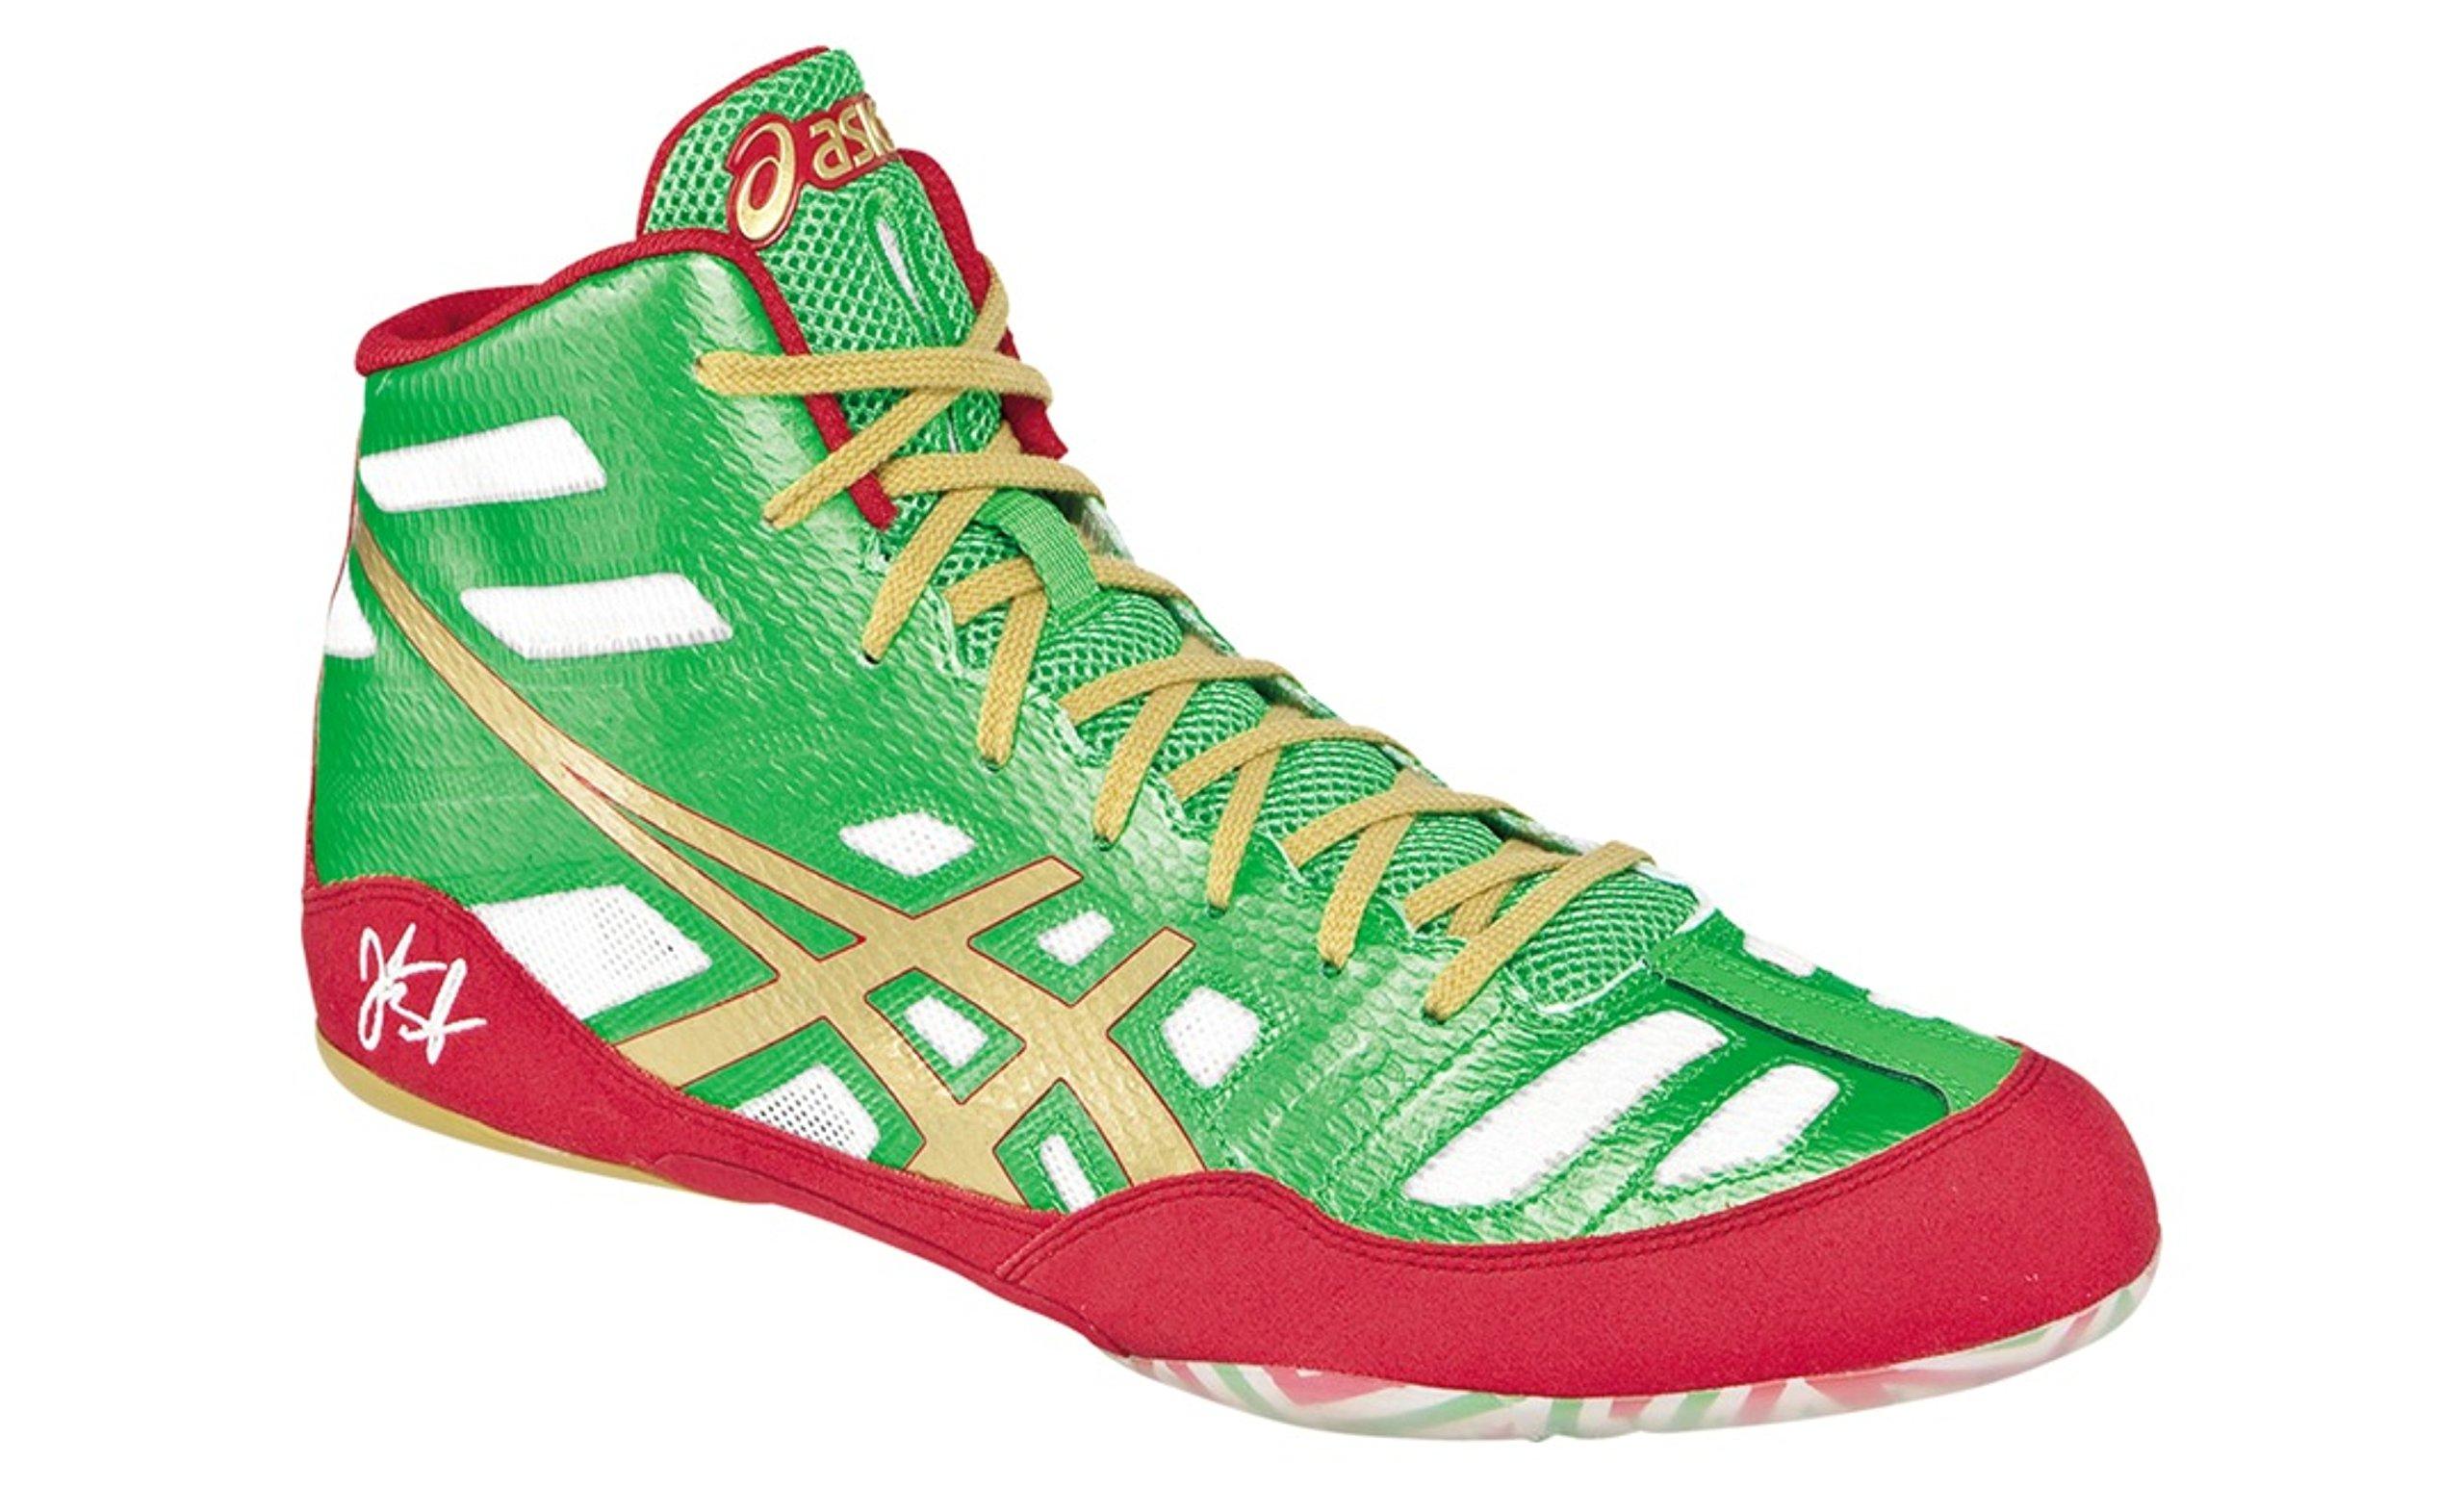 Asics Men's JB Elite Wrestling Shoe - Green/Gold/White - 12.5